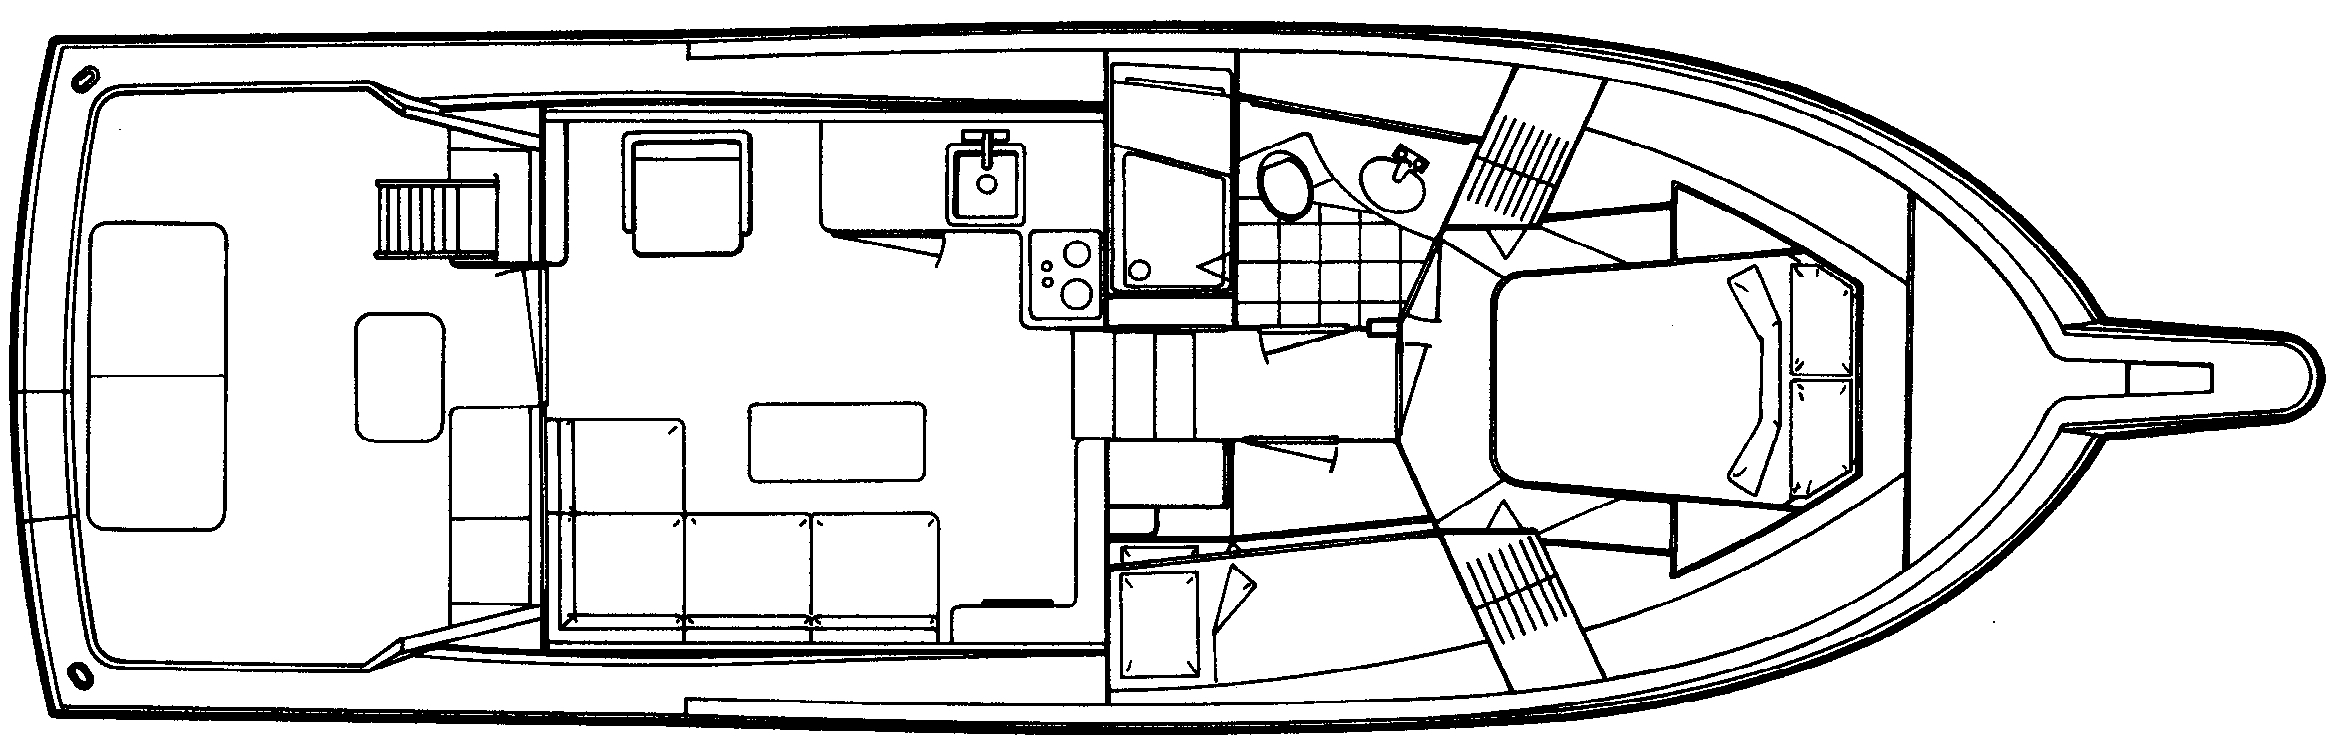 38 Convertible Floor Plan 1